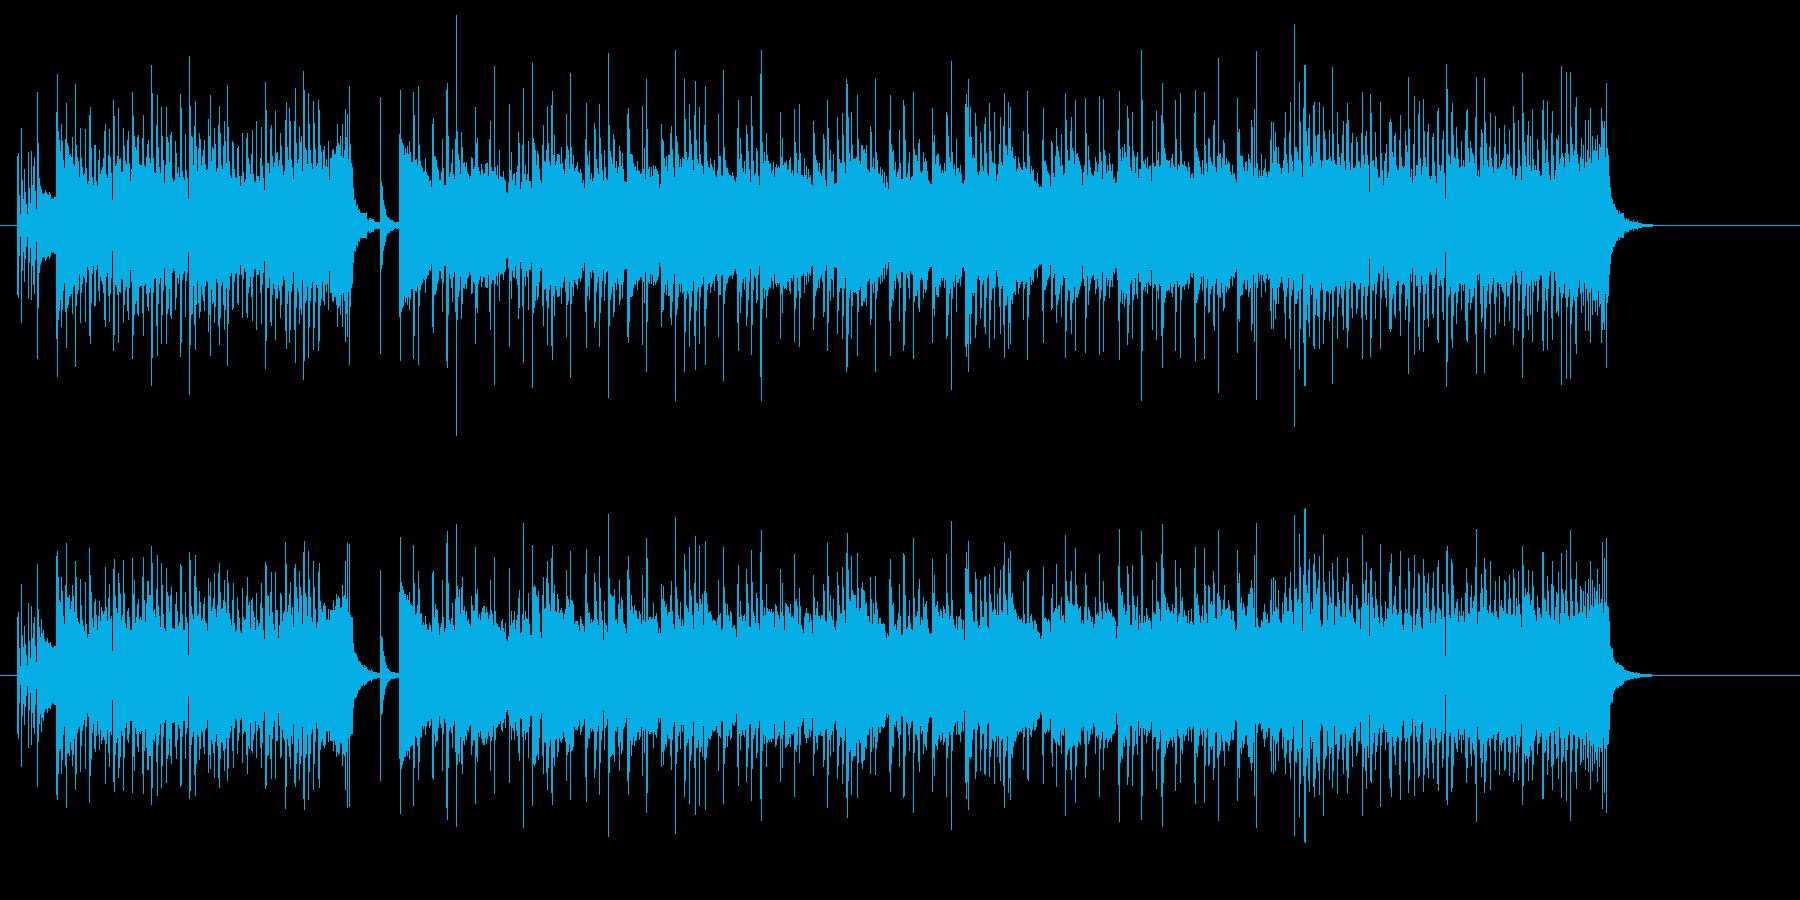 フュージョン・ギター・サウンドの再生済みの波形